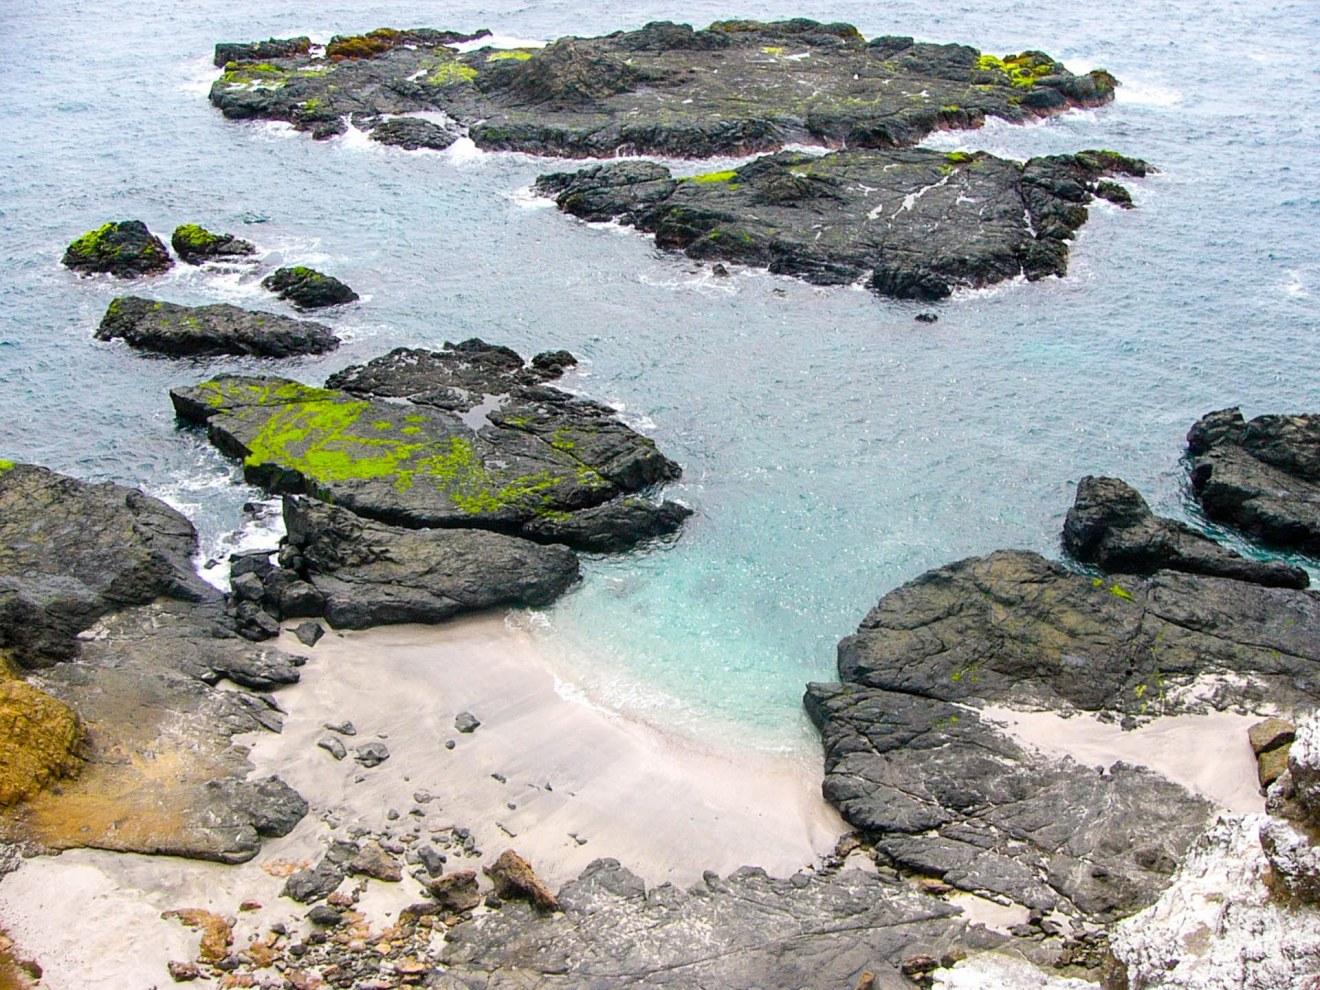 Crique sur l'isla de la plata